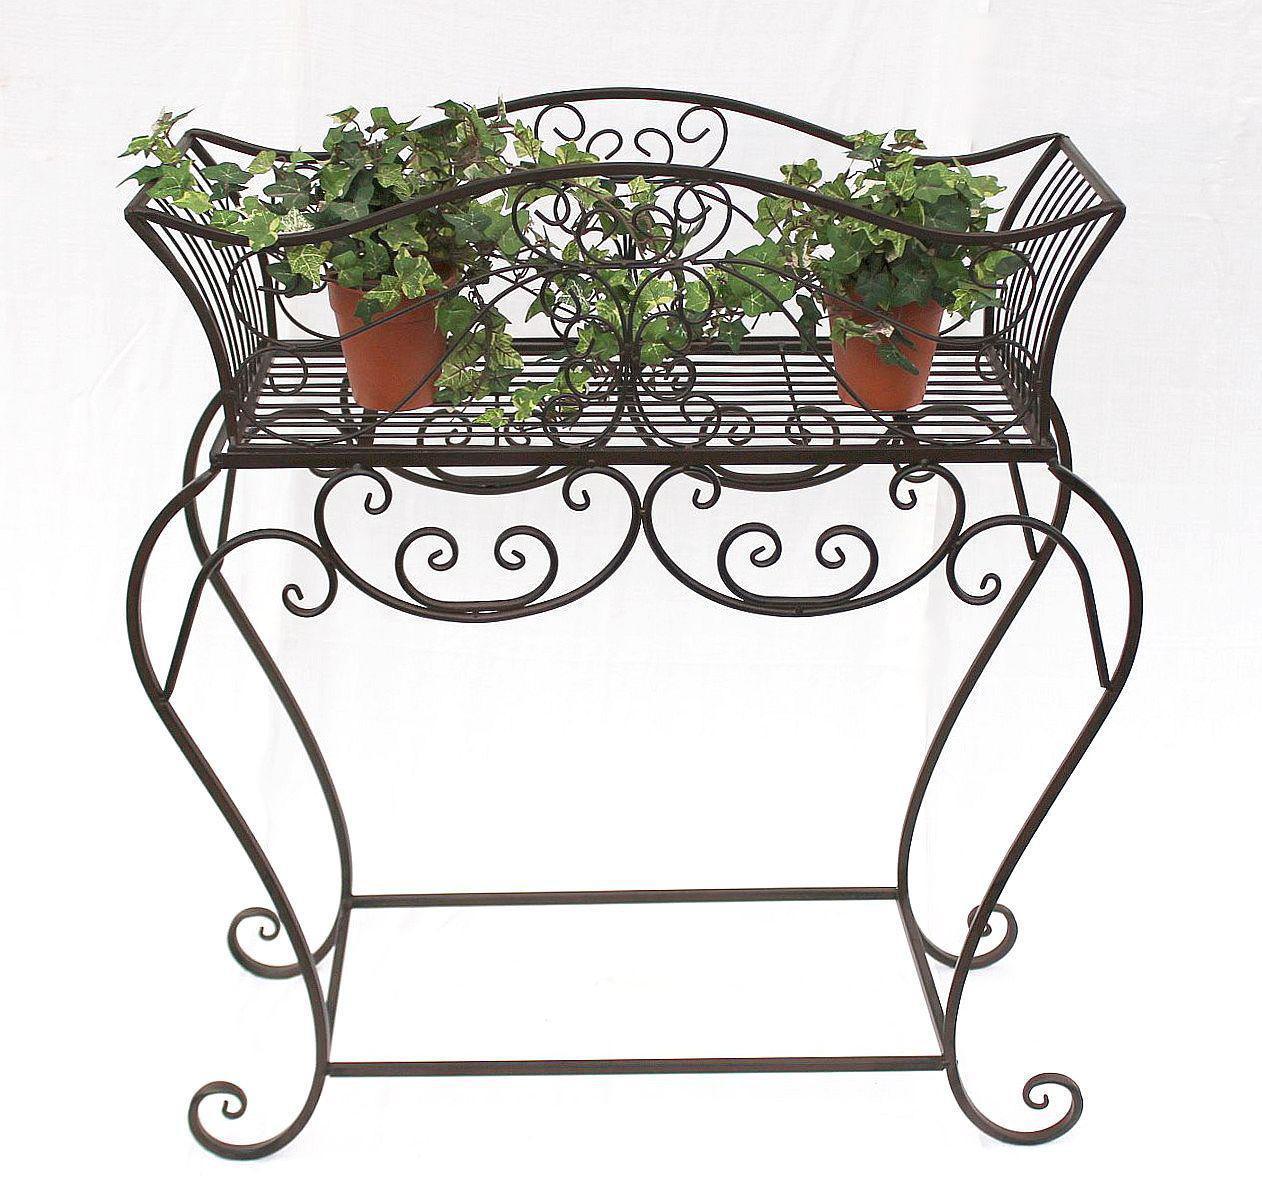 blumenst nder 72 85 cm blumenbank 12554 metall blumenregal beistelltisch tisch ebay. Black Bedroom Furniture Sets. Home Design Ideas